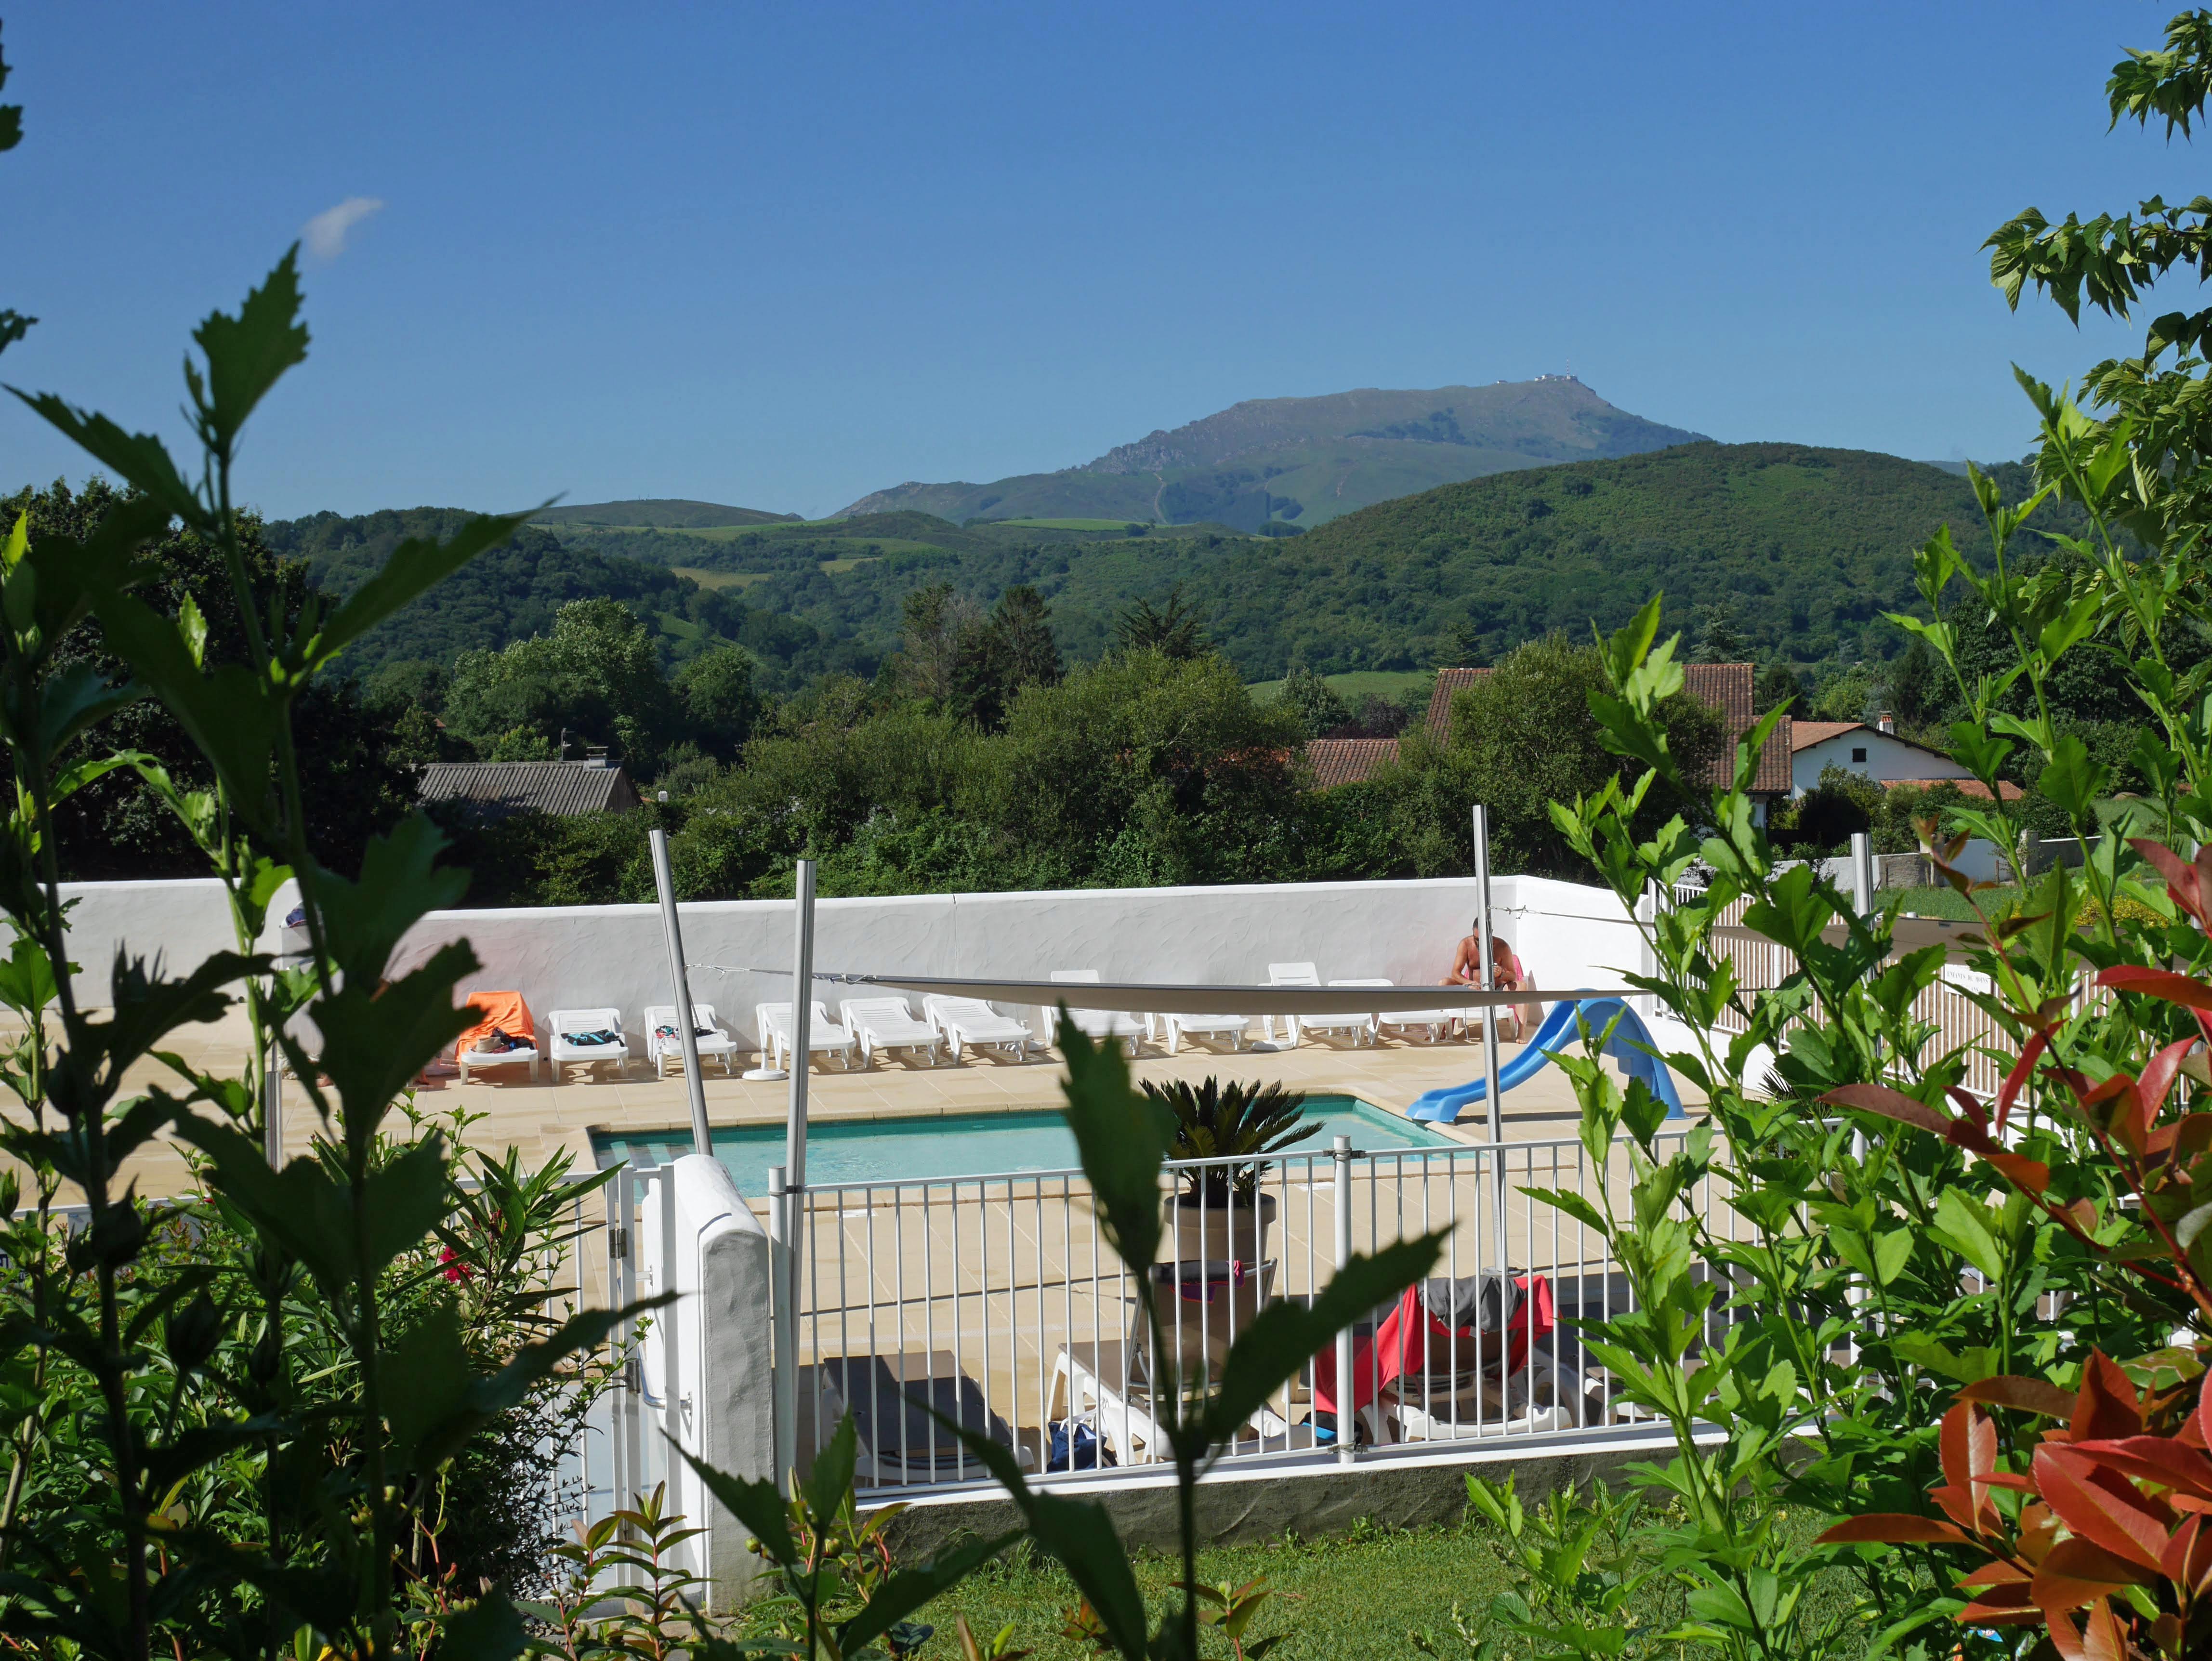 Camping Goyetchea, Saint-Pee-sur-Nivelle, Pyrénées-Atlantiques